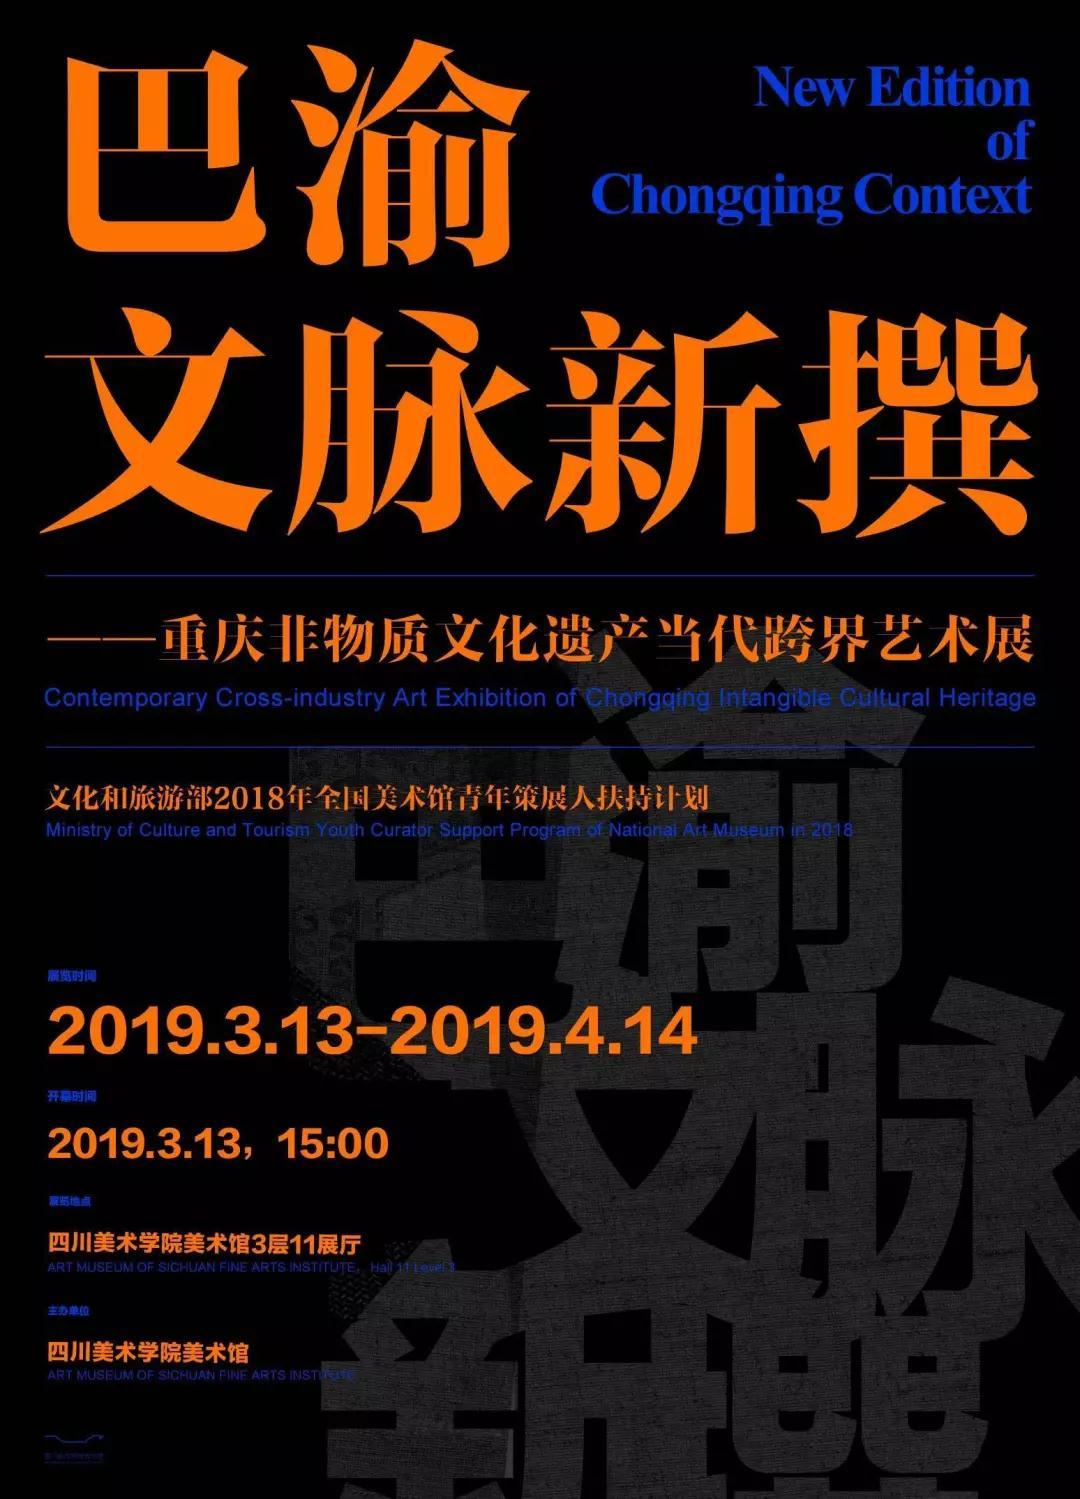 meishubao/2019031112271018877.jpg